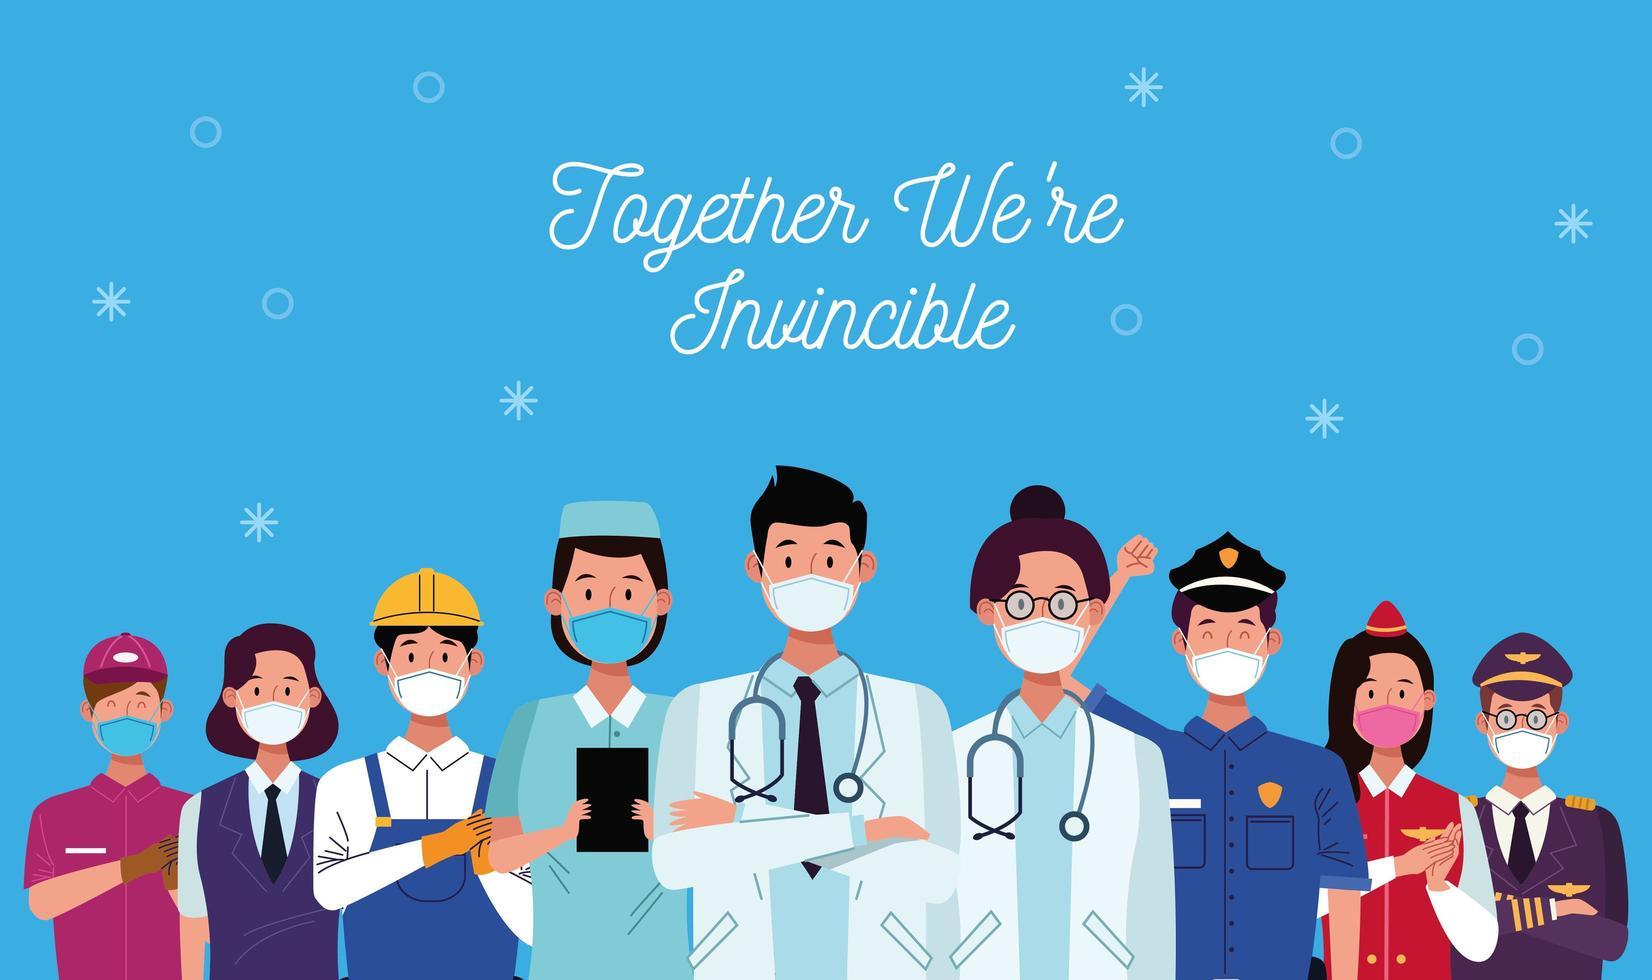 grupo de trabajadores con juntos somos mensaje invencible vector